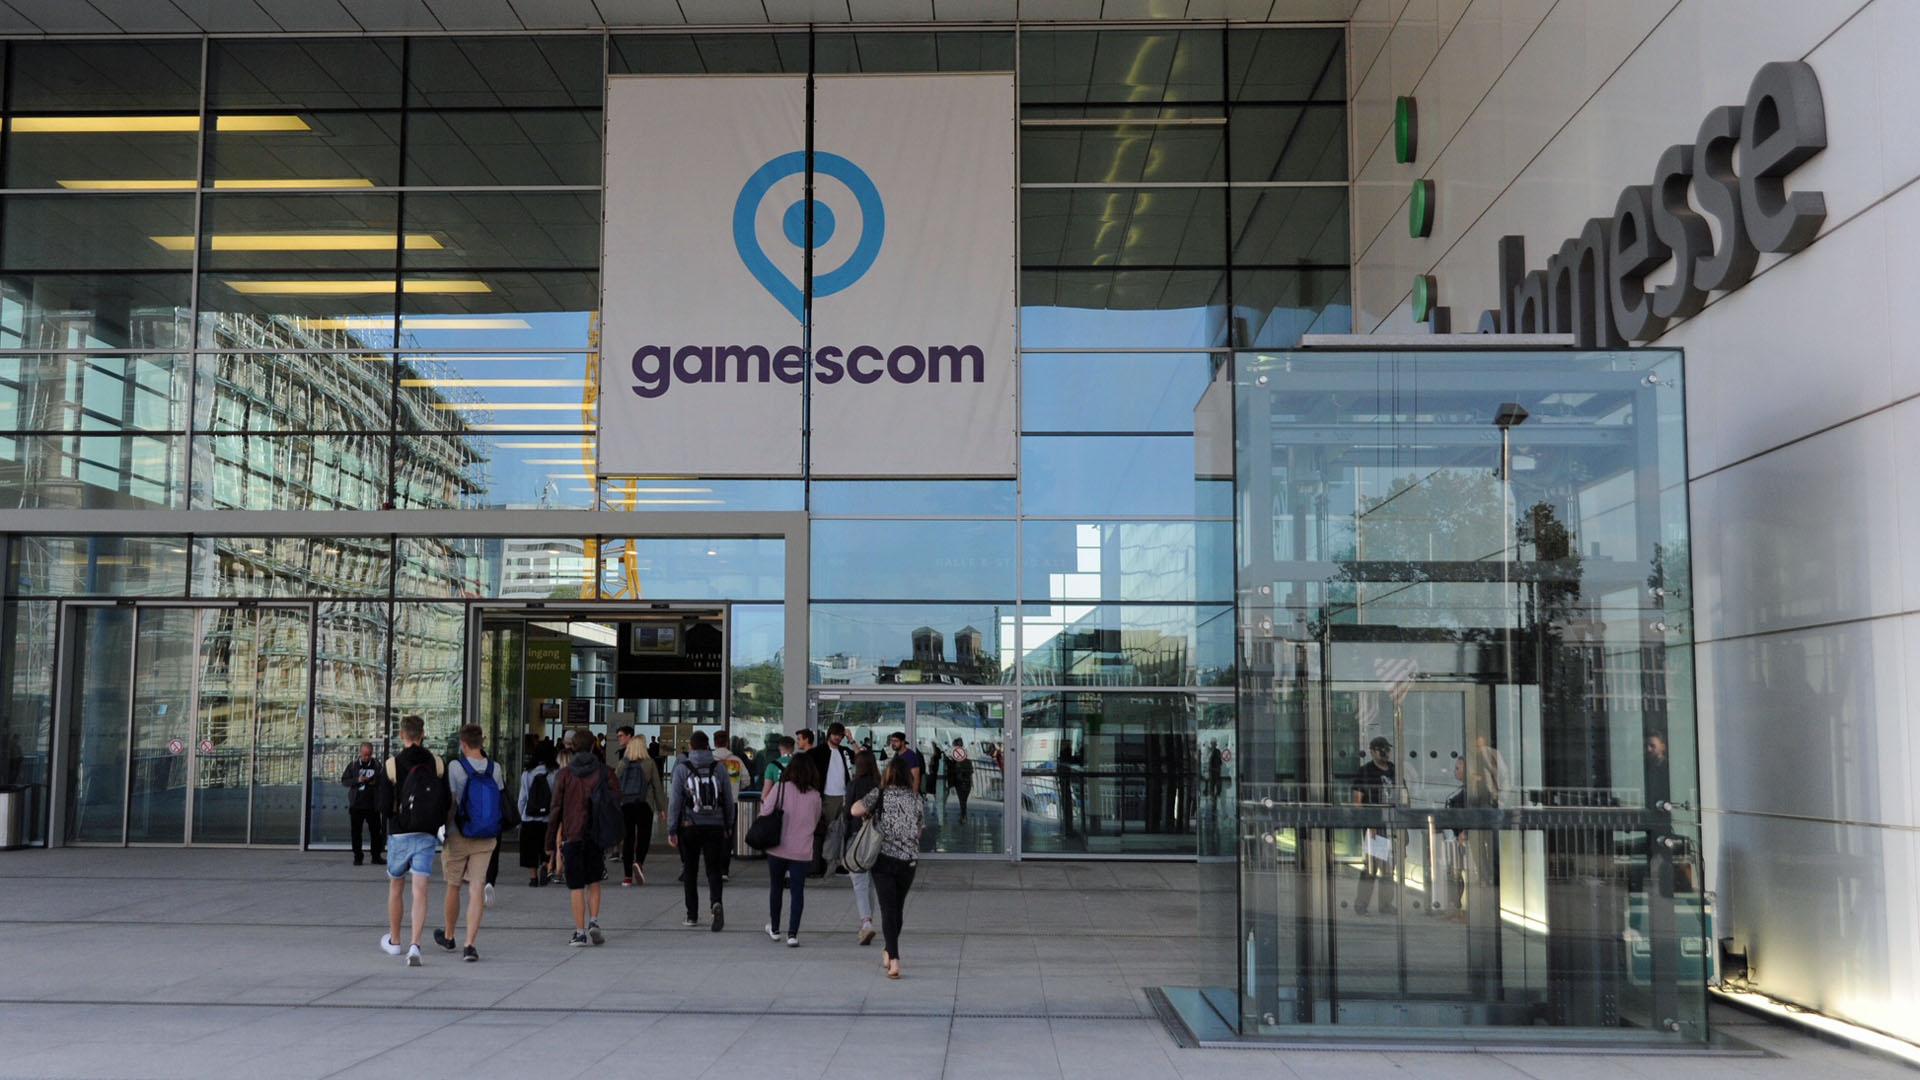 Die Gamescom findet einmal im Jahr in Köln statt. Sie bietet die Möglichkeit, die neuesten Computer- und Videospiele zu testen.